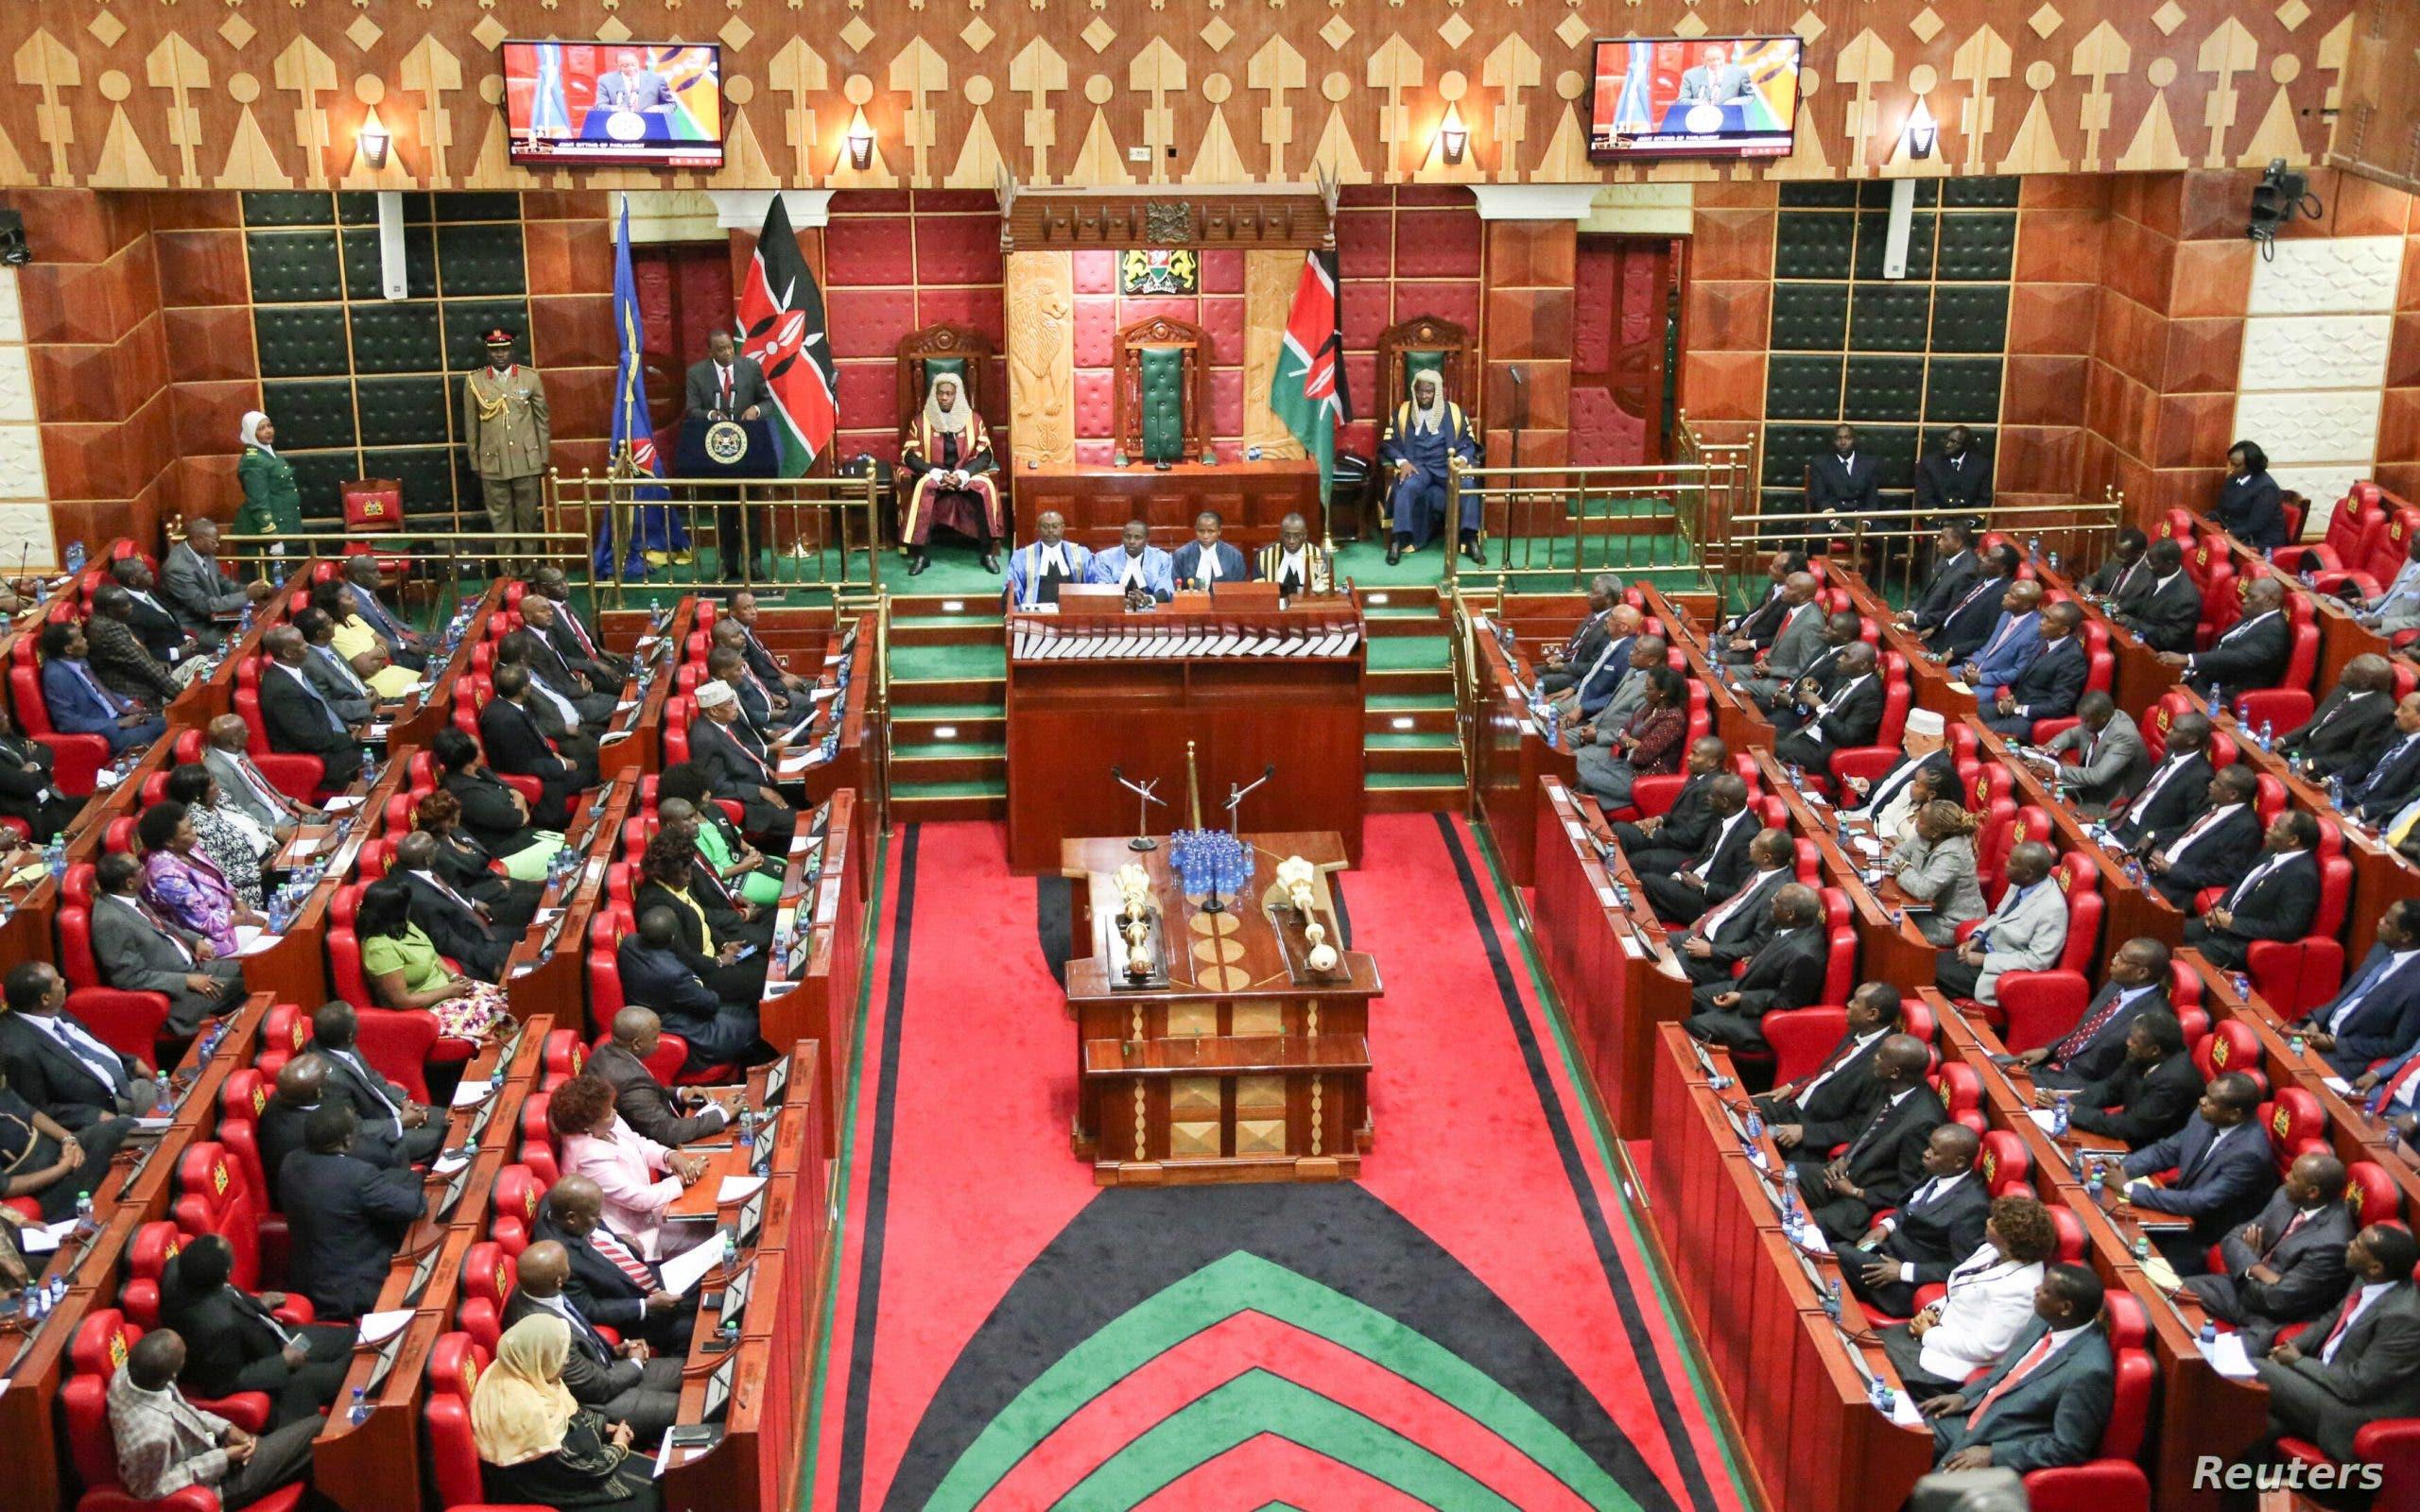 Baarlamanka Kenya oo ka hadlay xiisadda Somalia iyo sida ay tahay in laga yeelo